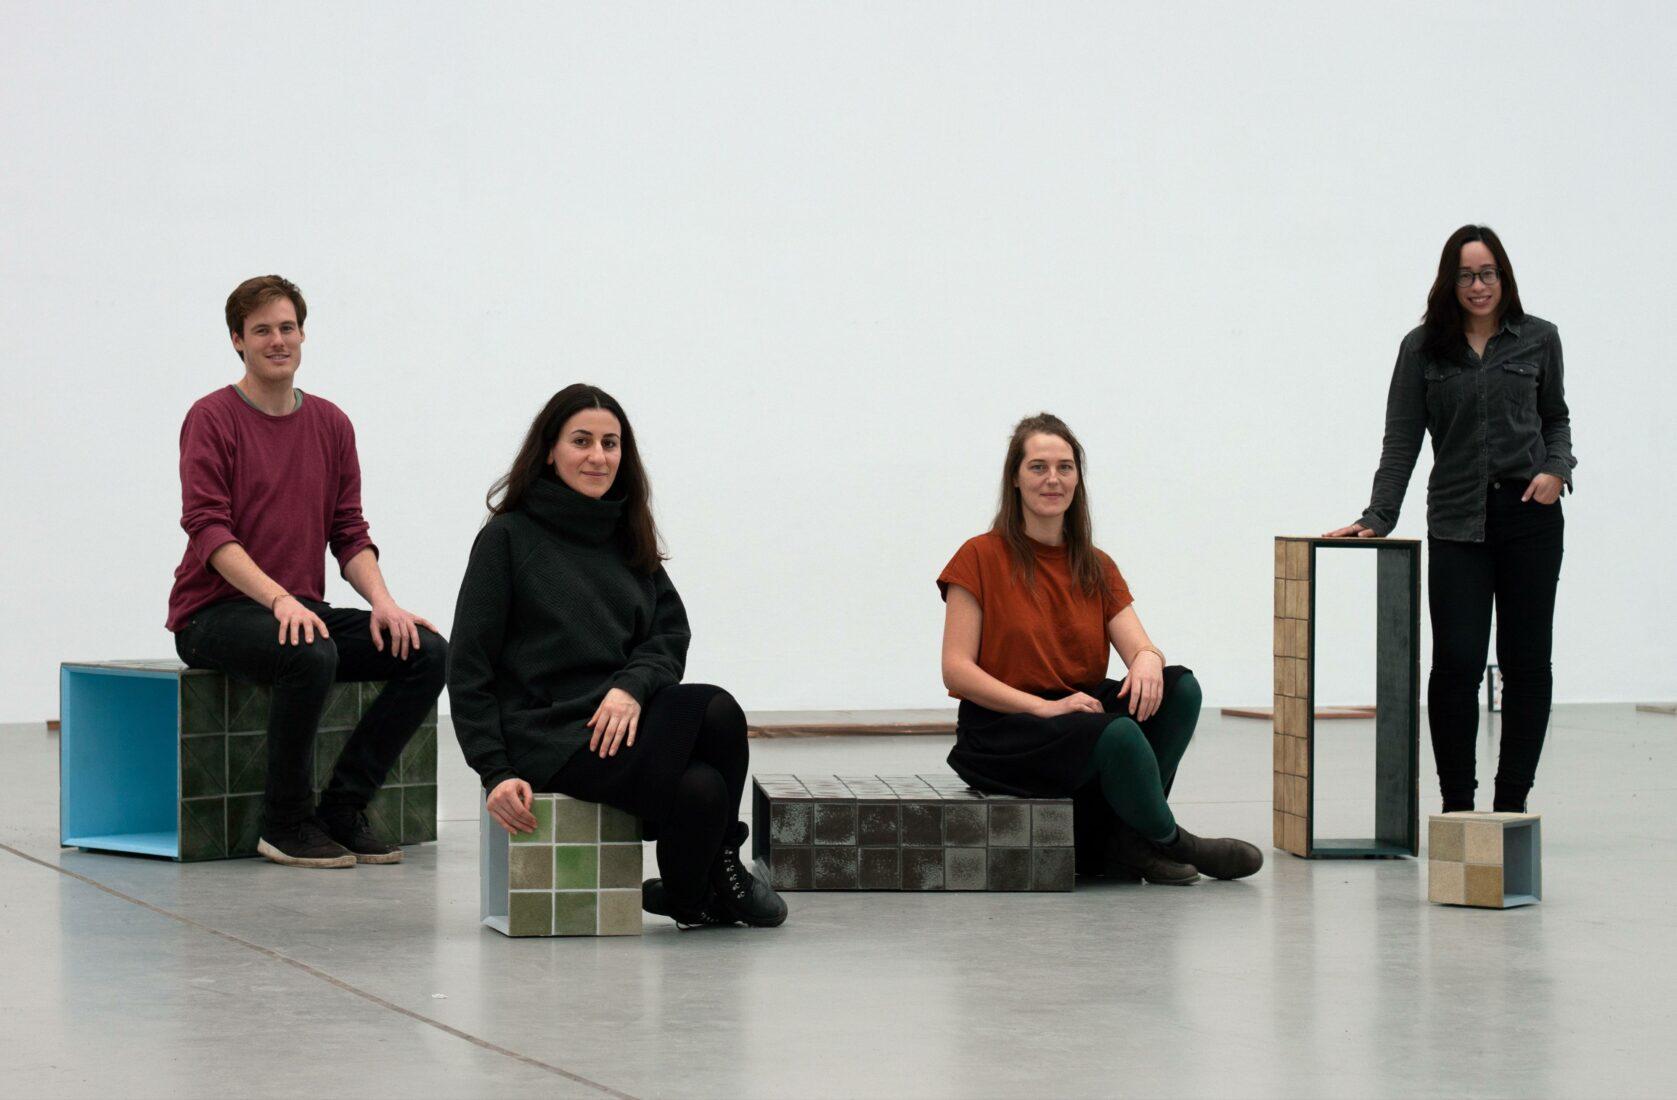 Das Shards-Team (v.l.n.r.): Moritz von Galen, Leya Bilgic, Lea Schücking und Min Hui Yap. Foto: Shards